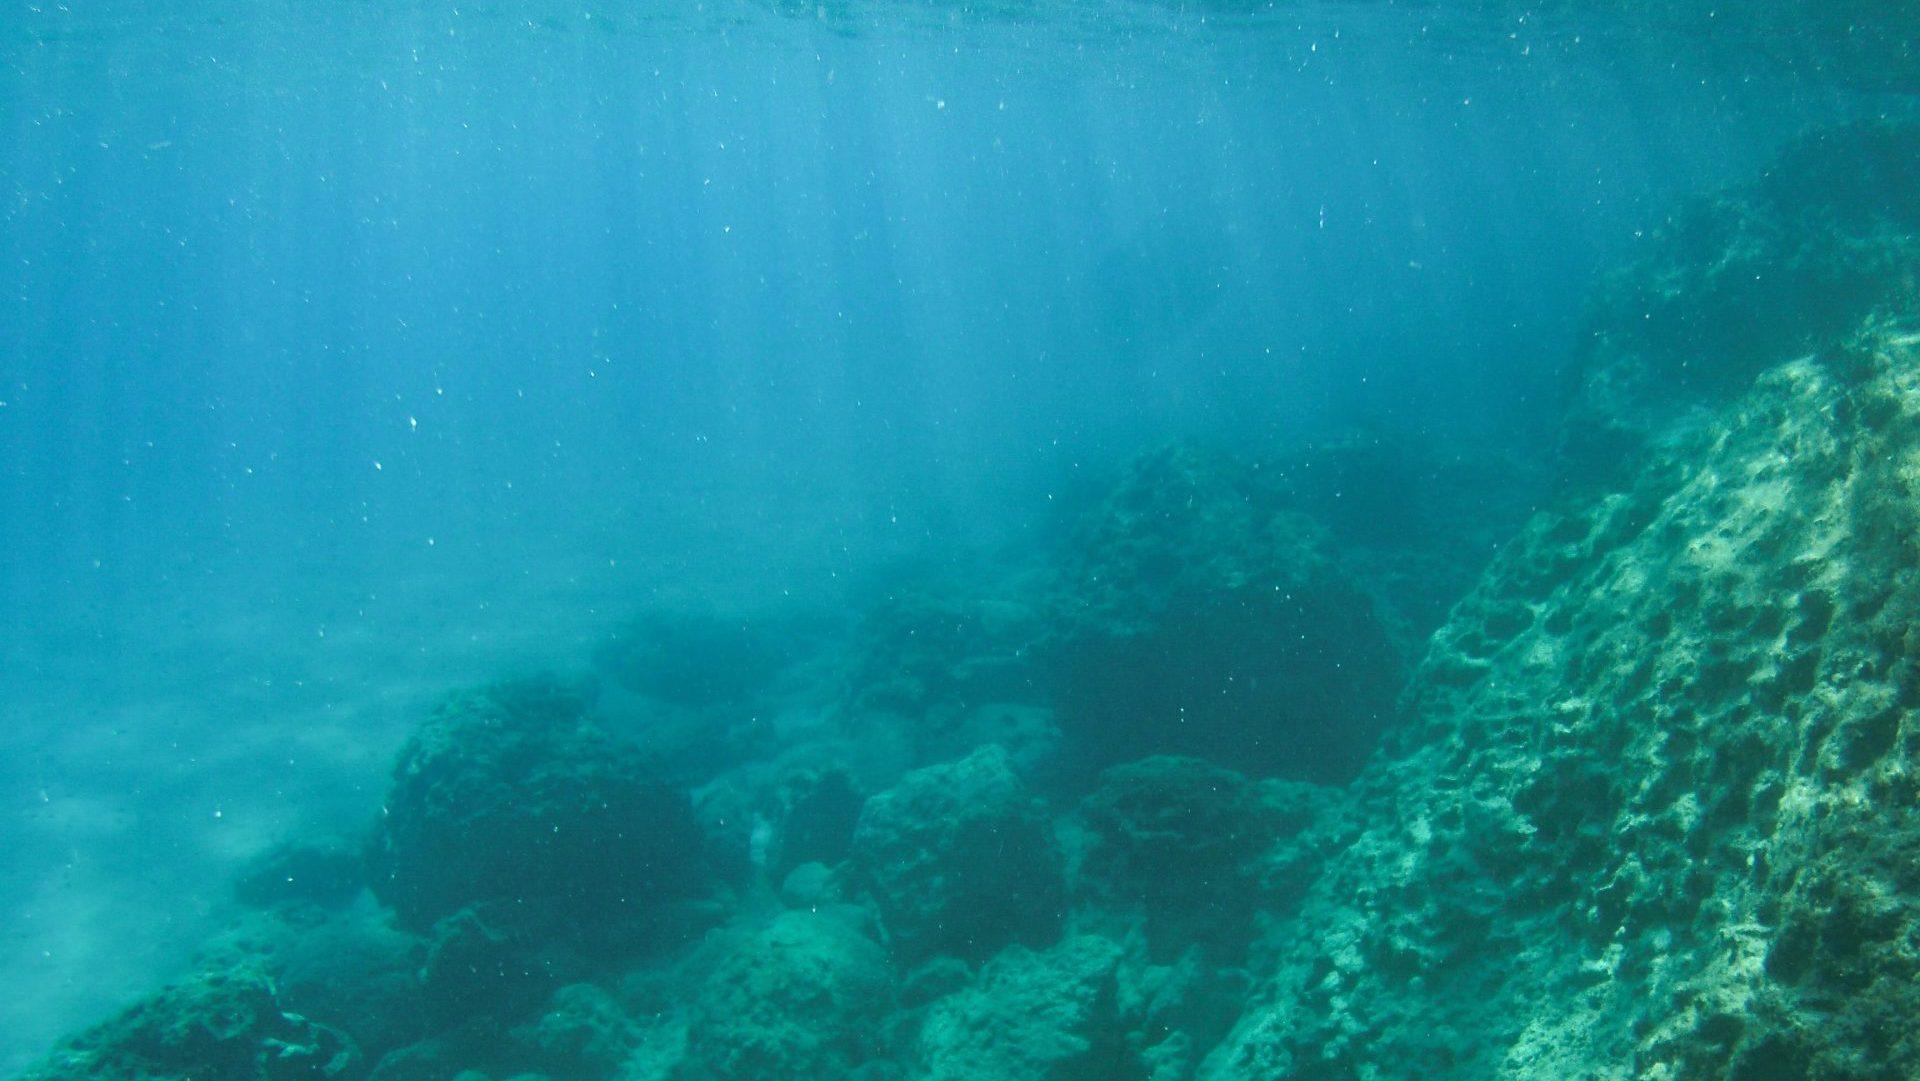 Underwater Pyramids near Japan